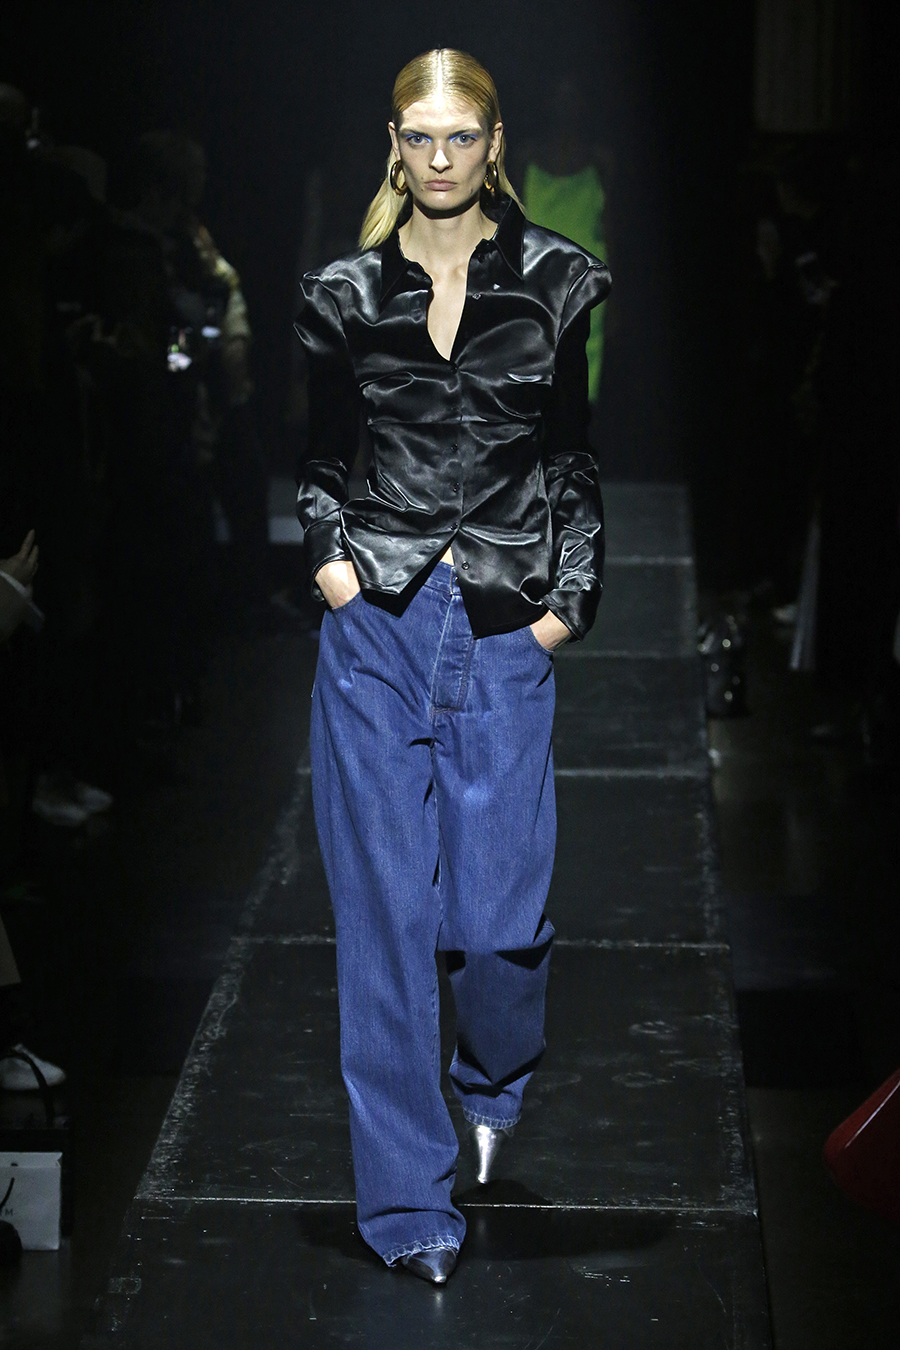 джинсы зима 2020 2021 модные широкие мешковатые оверсайз палаццо длинные голубые